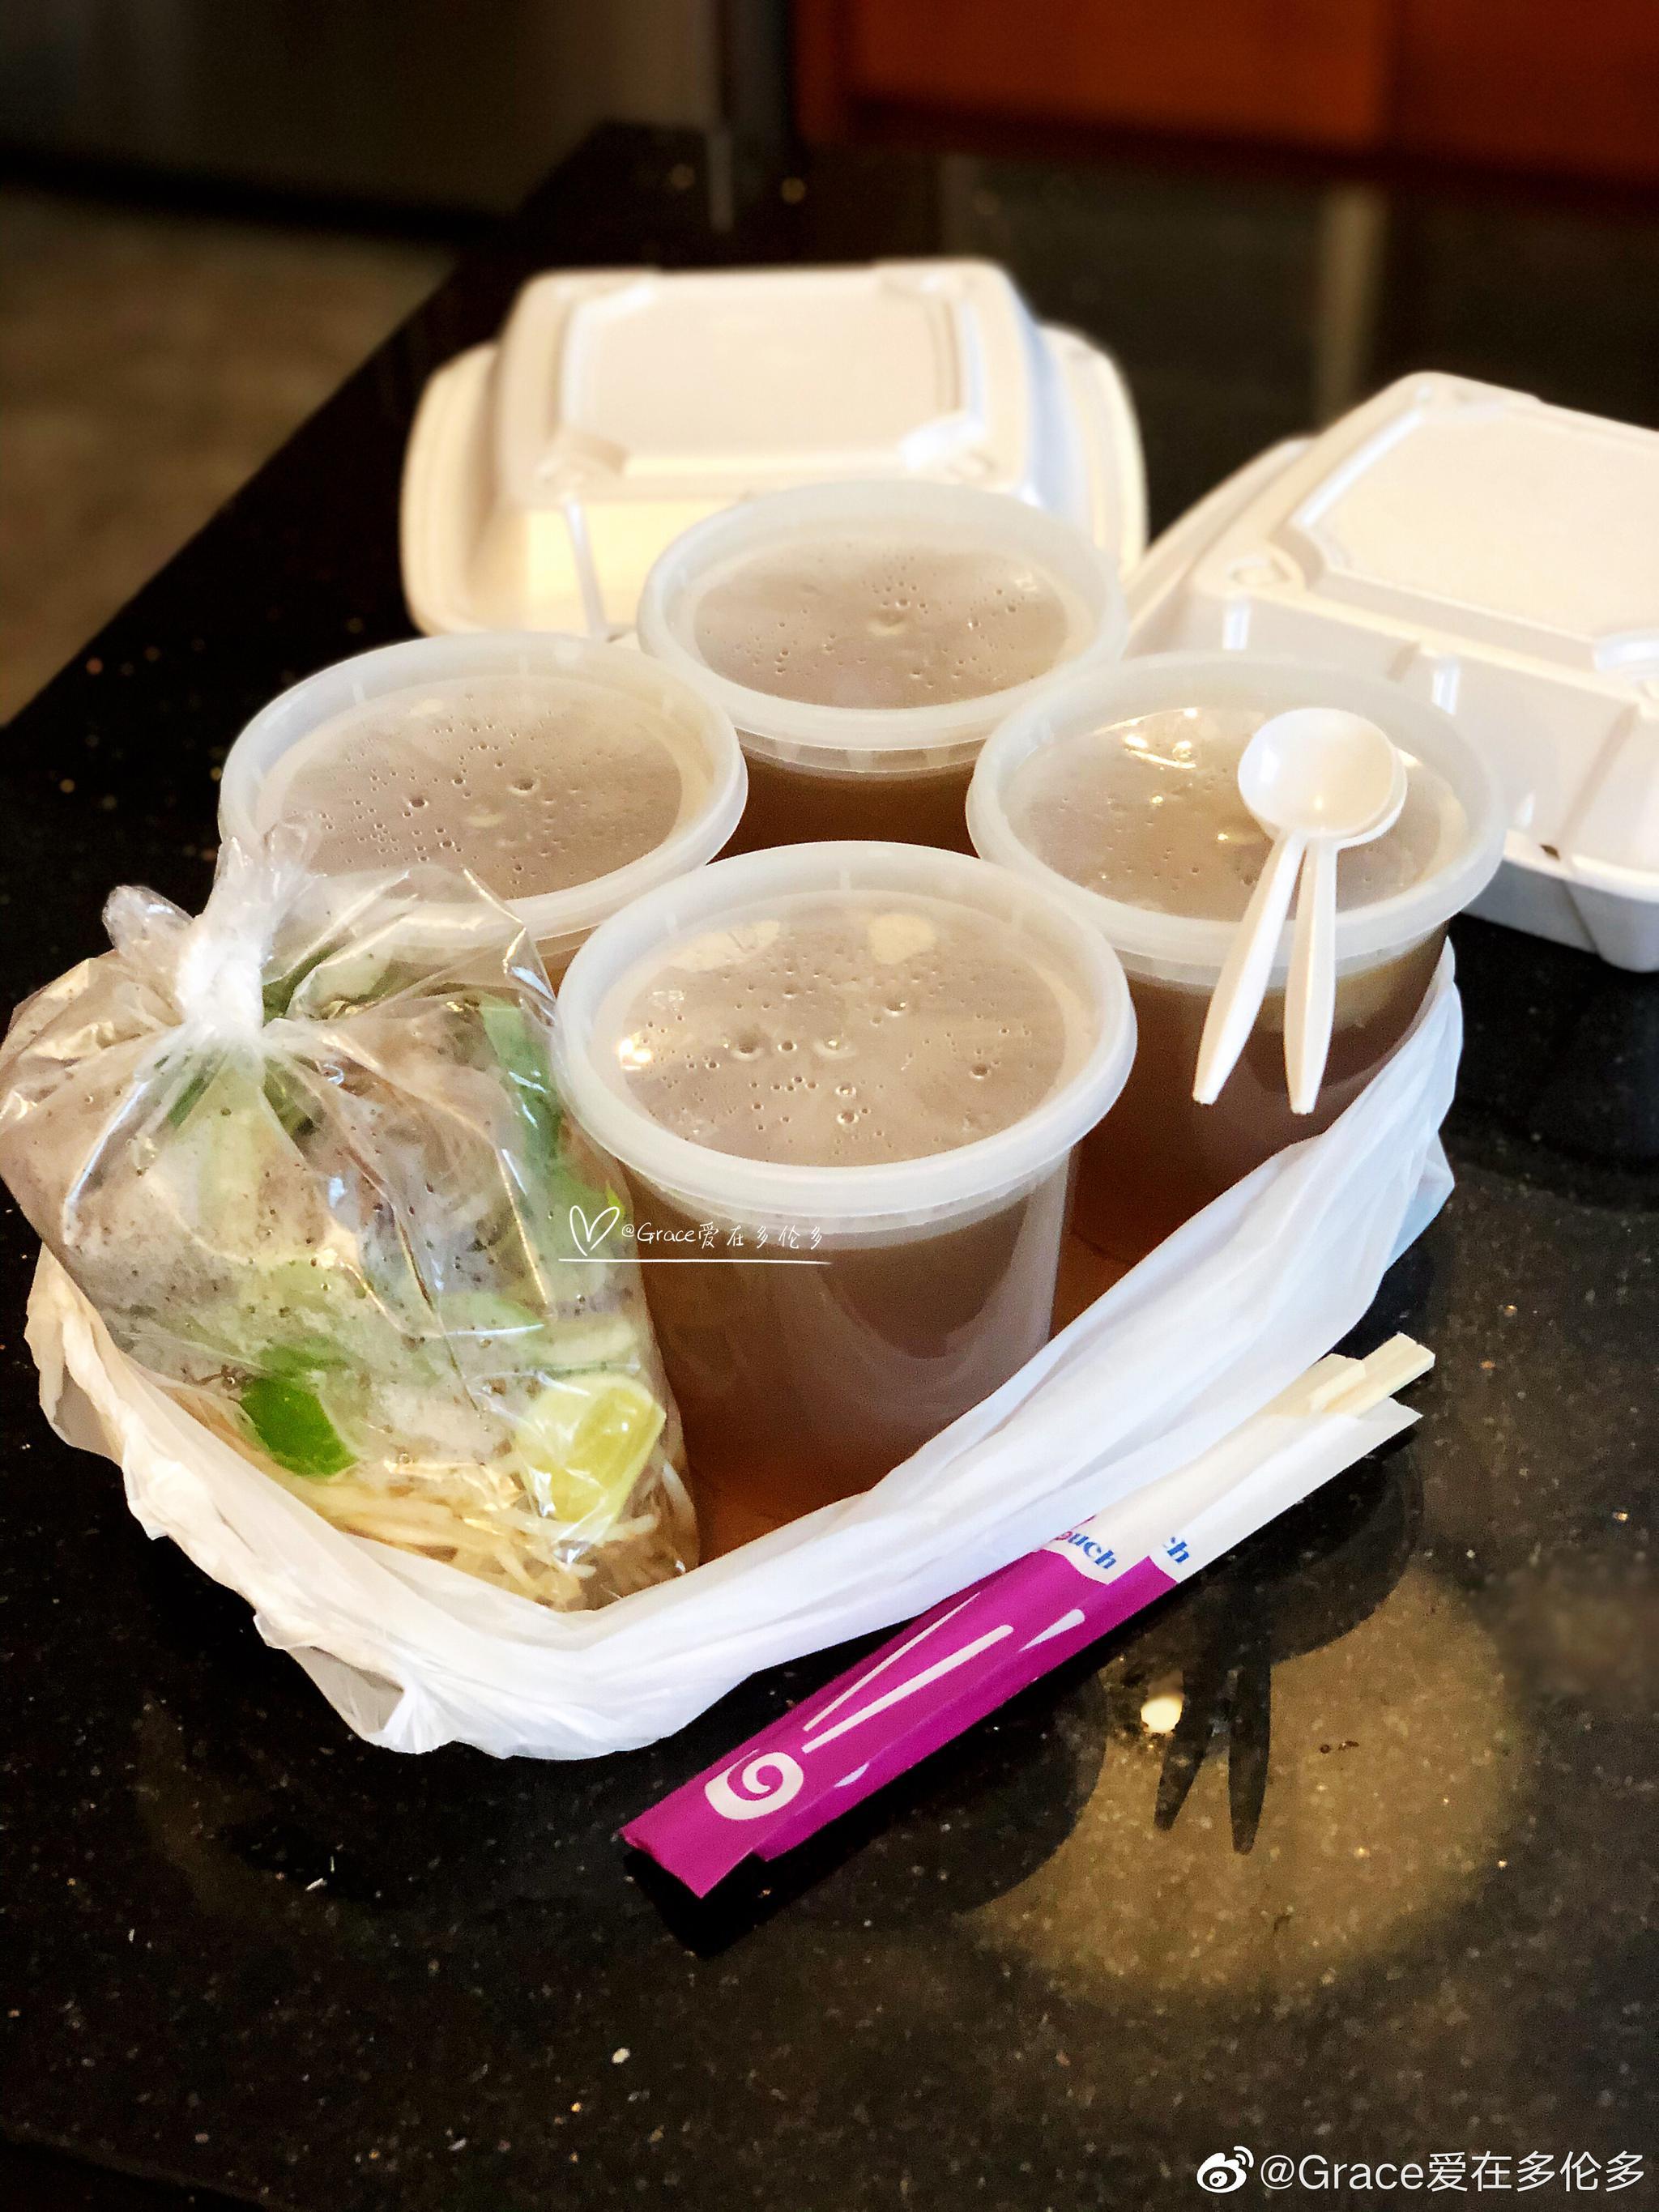 晚餐又叫了好吃的越南米粉外卖。非常时期多多支持本地餐饮业